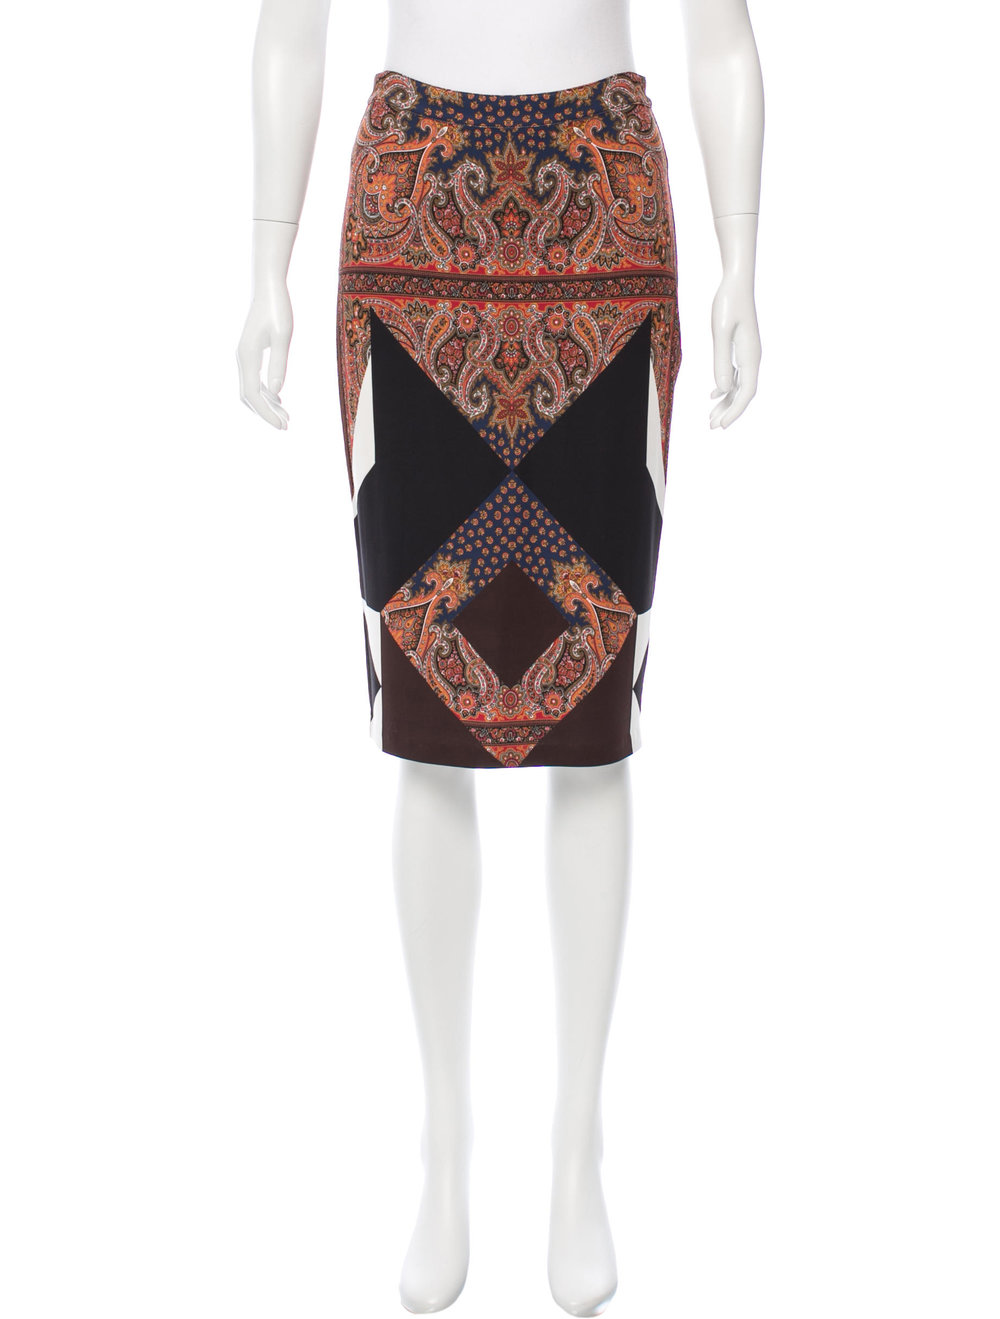 $122.50 - Givenchy Printed Pencil Skirt